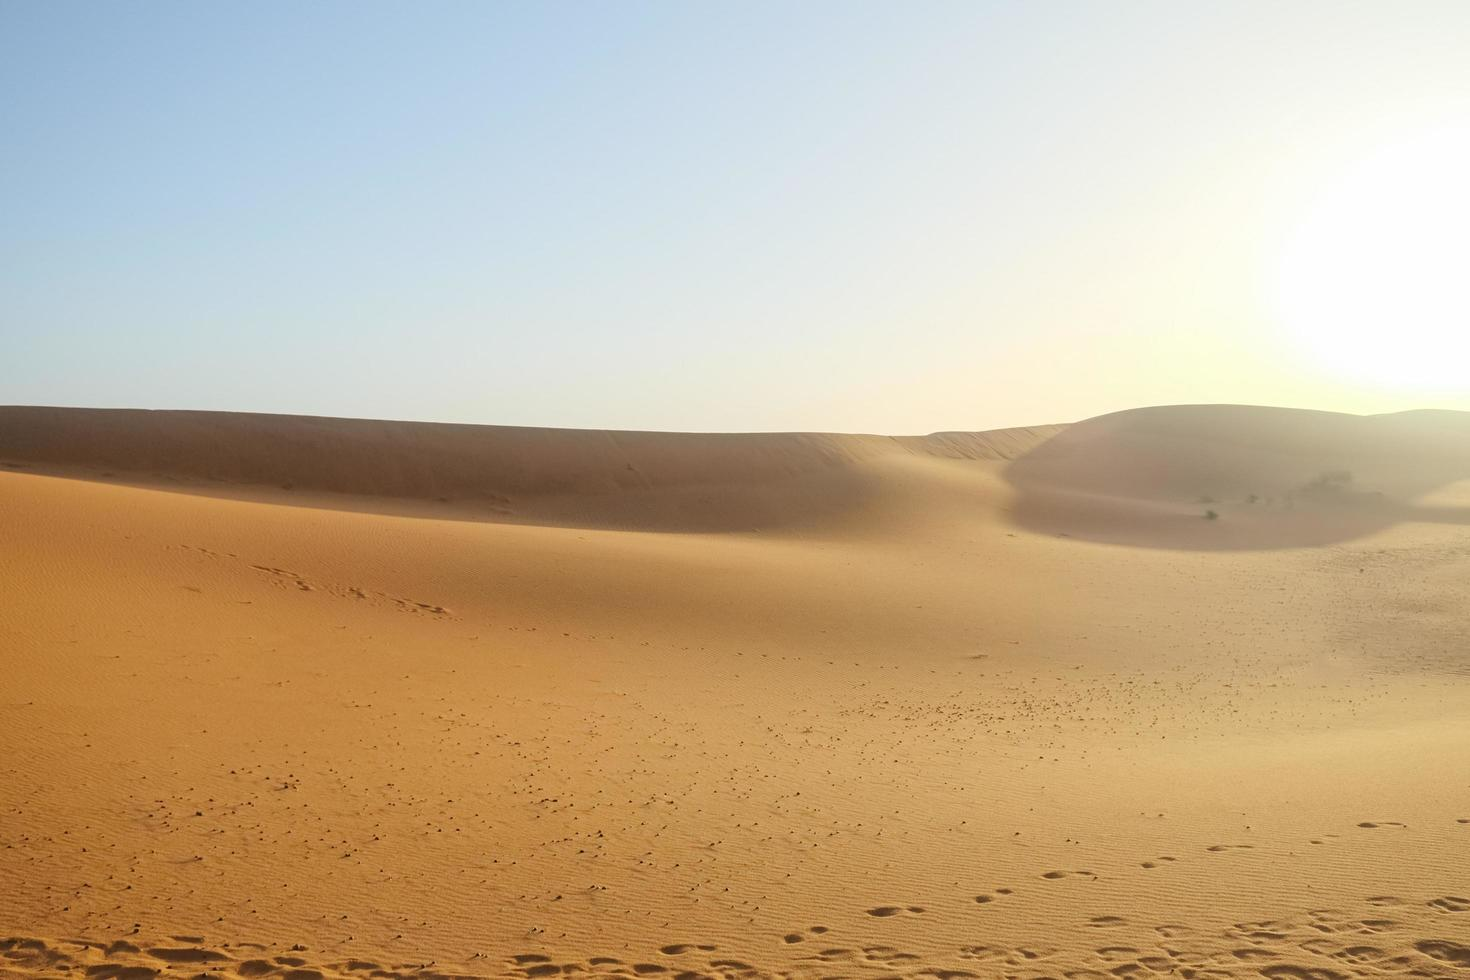 dune di sabbia erg chebbi con cielo blu chiaro foto